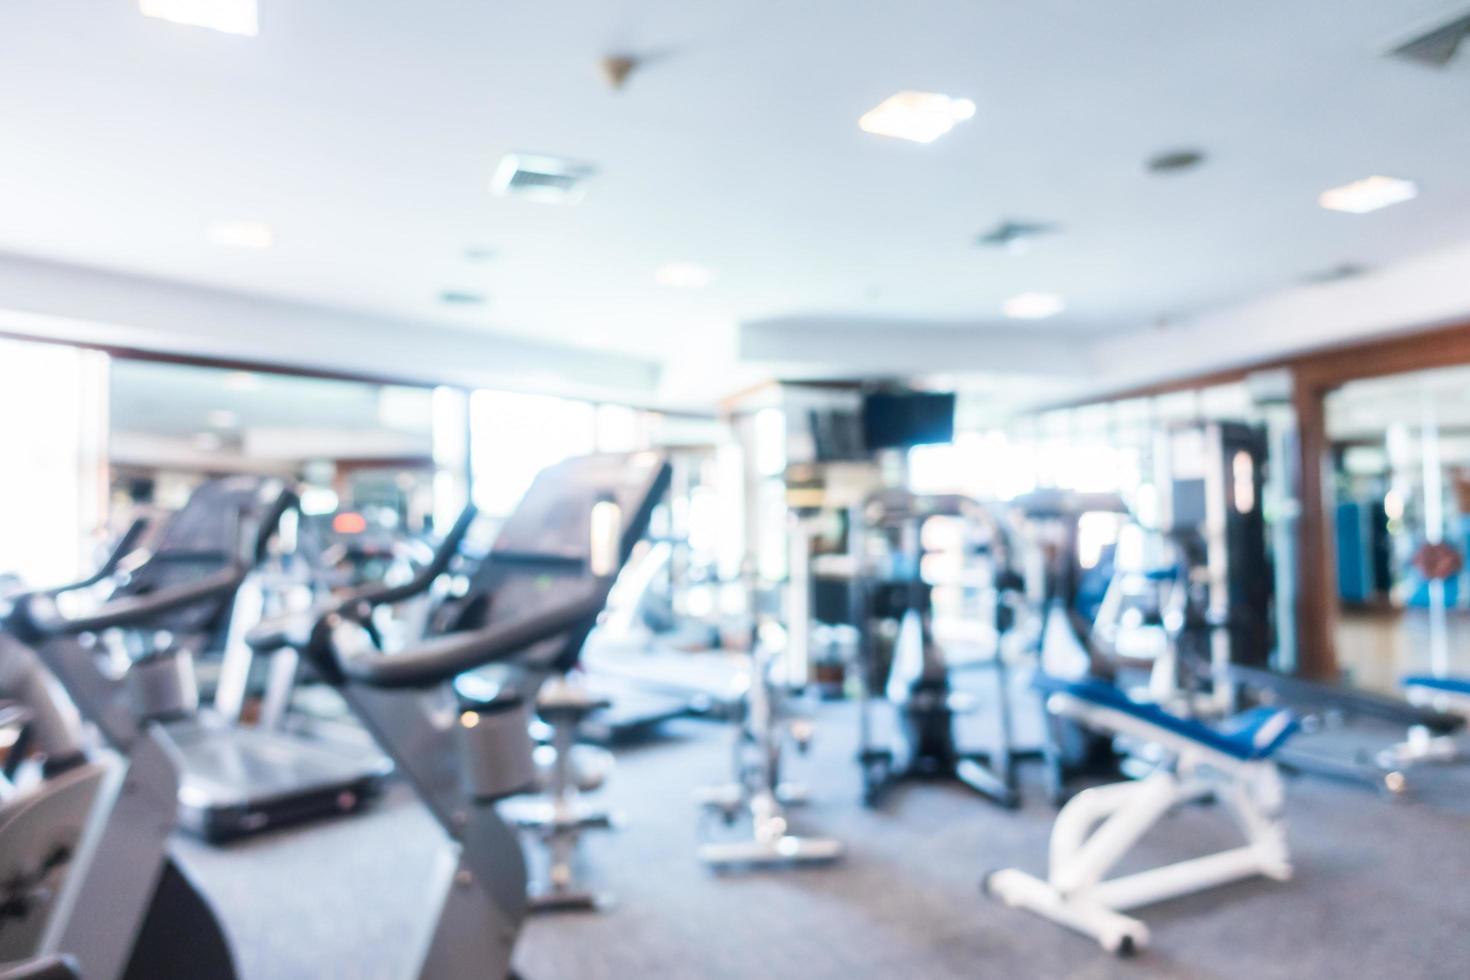 Desenfoque abstracto gimnasio y sala de fitness foto